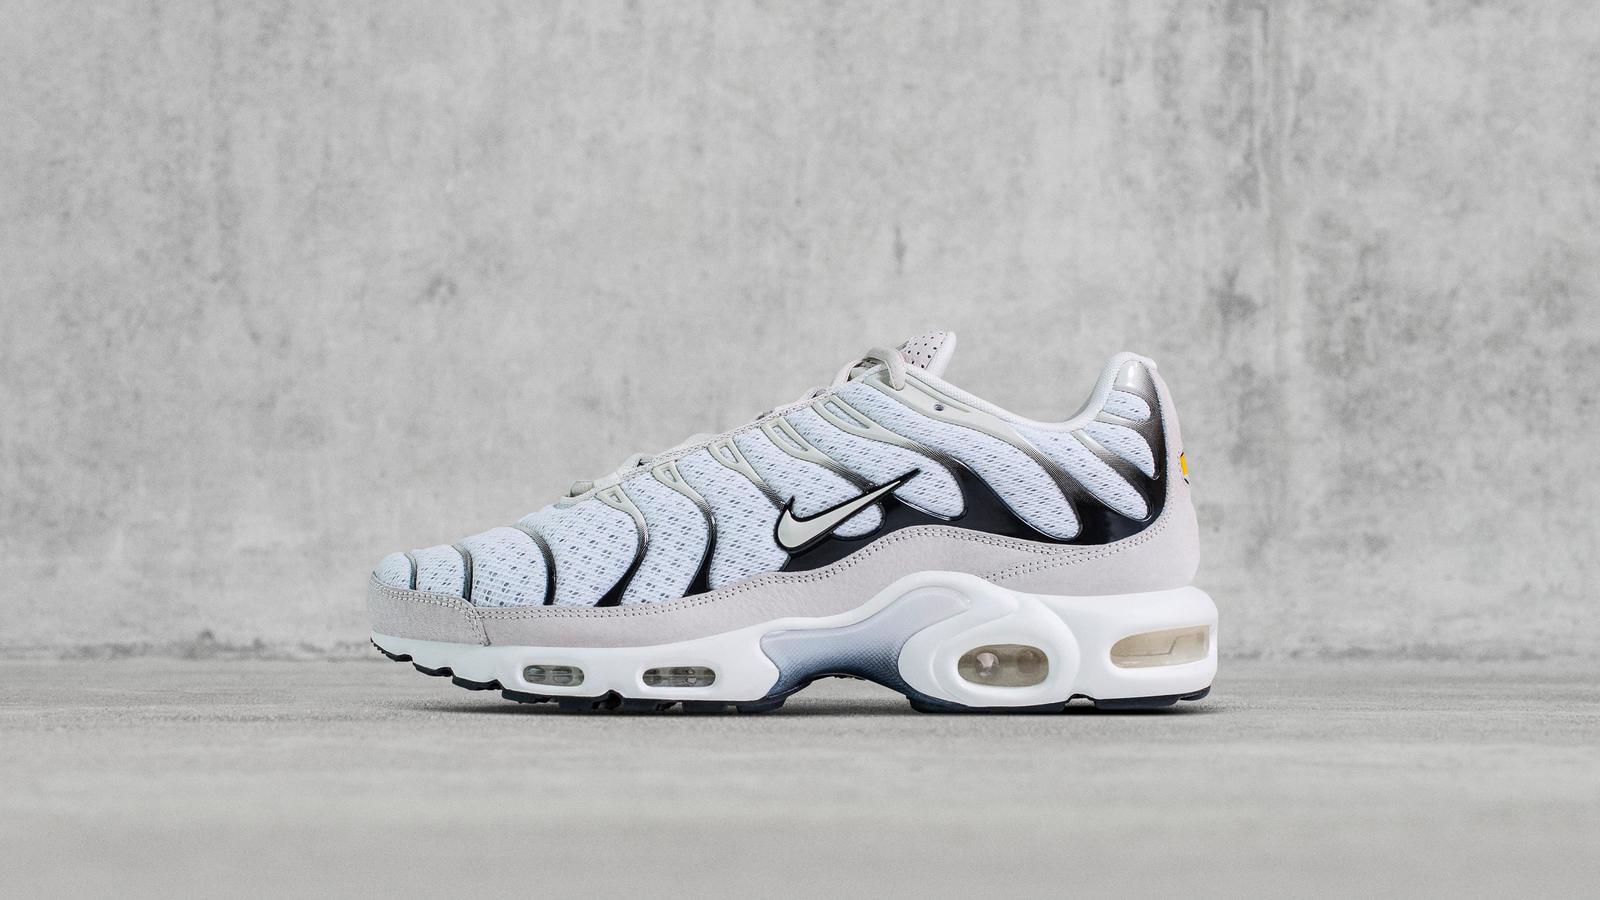 new style ff713 23284 NikeLab Air Max Plus - Nike News